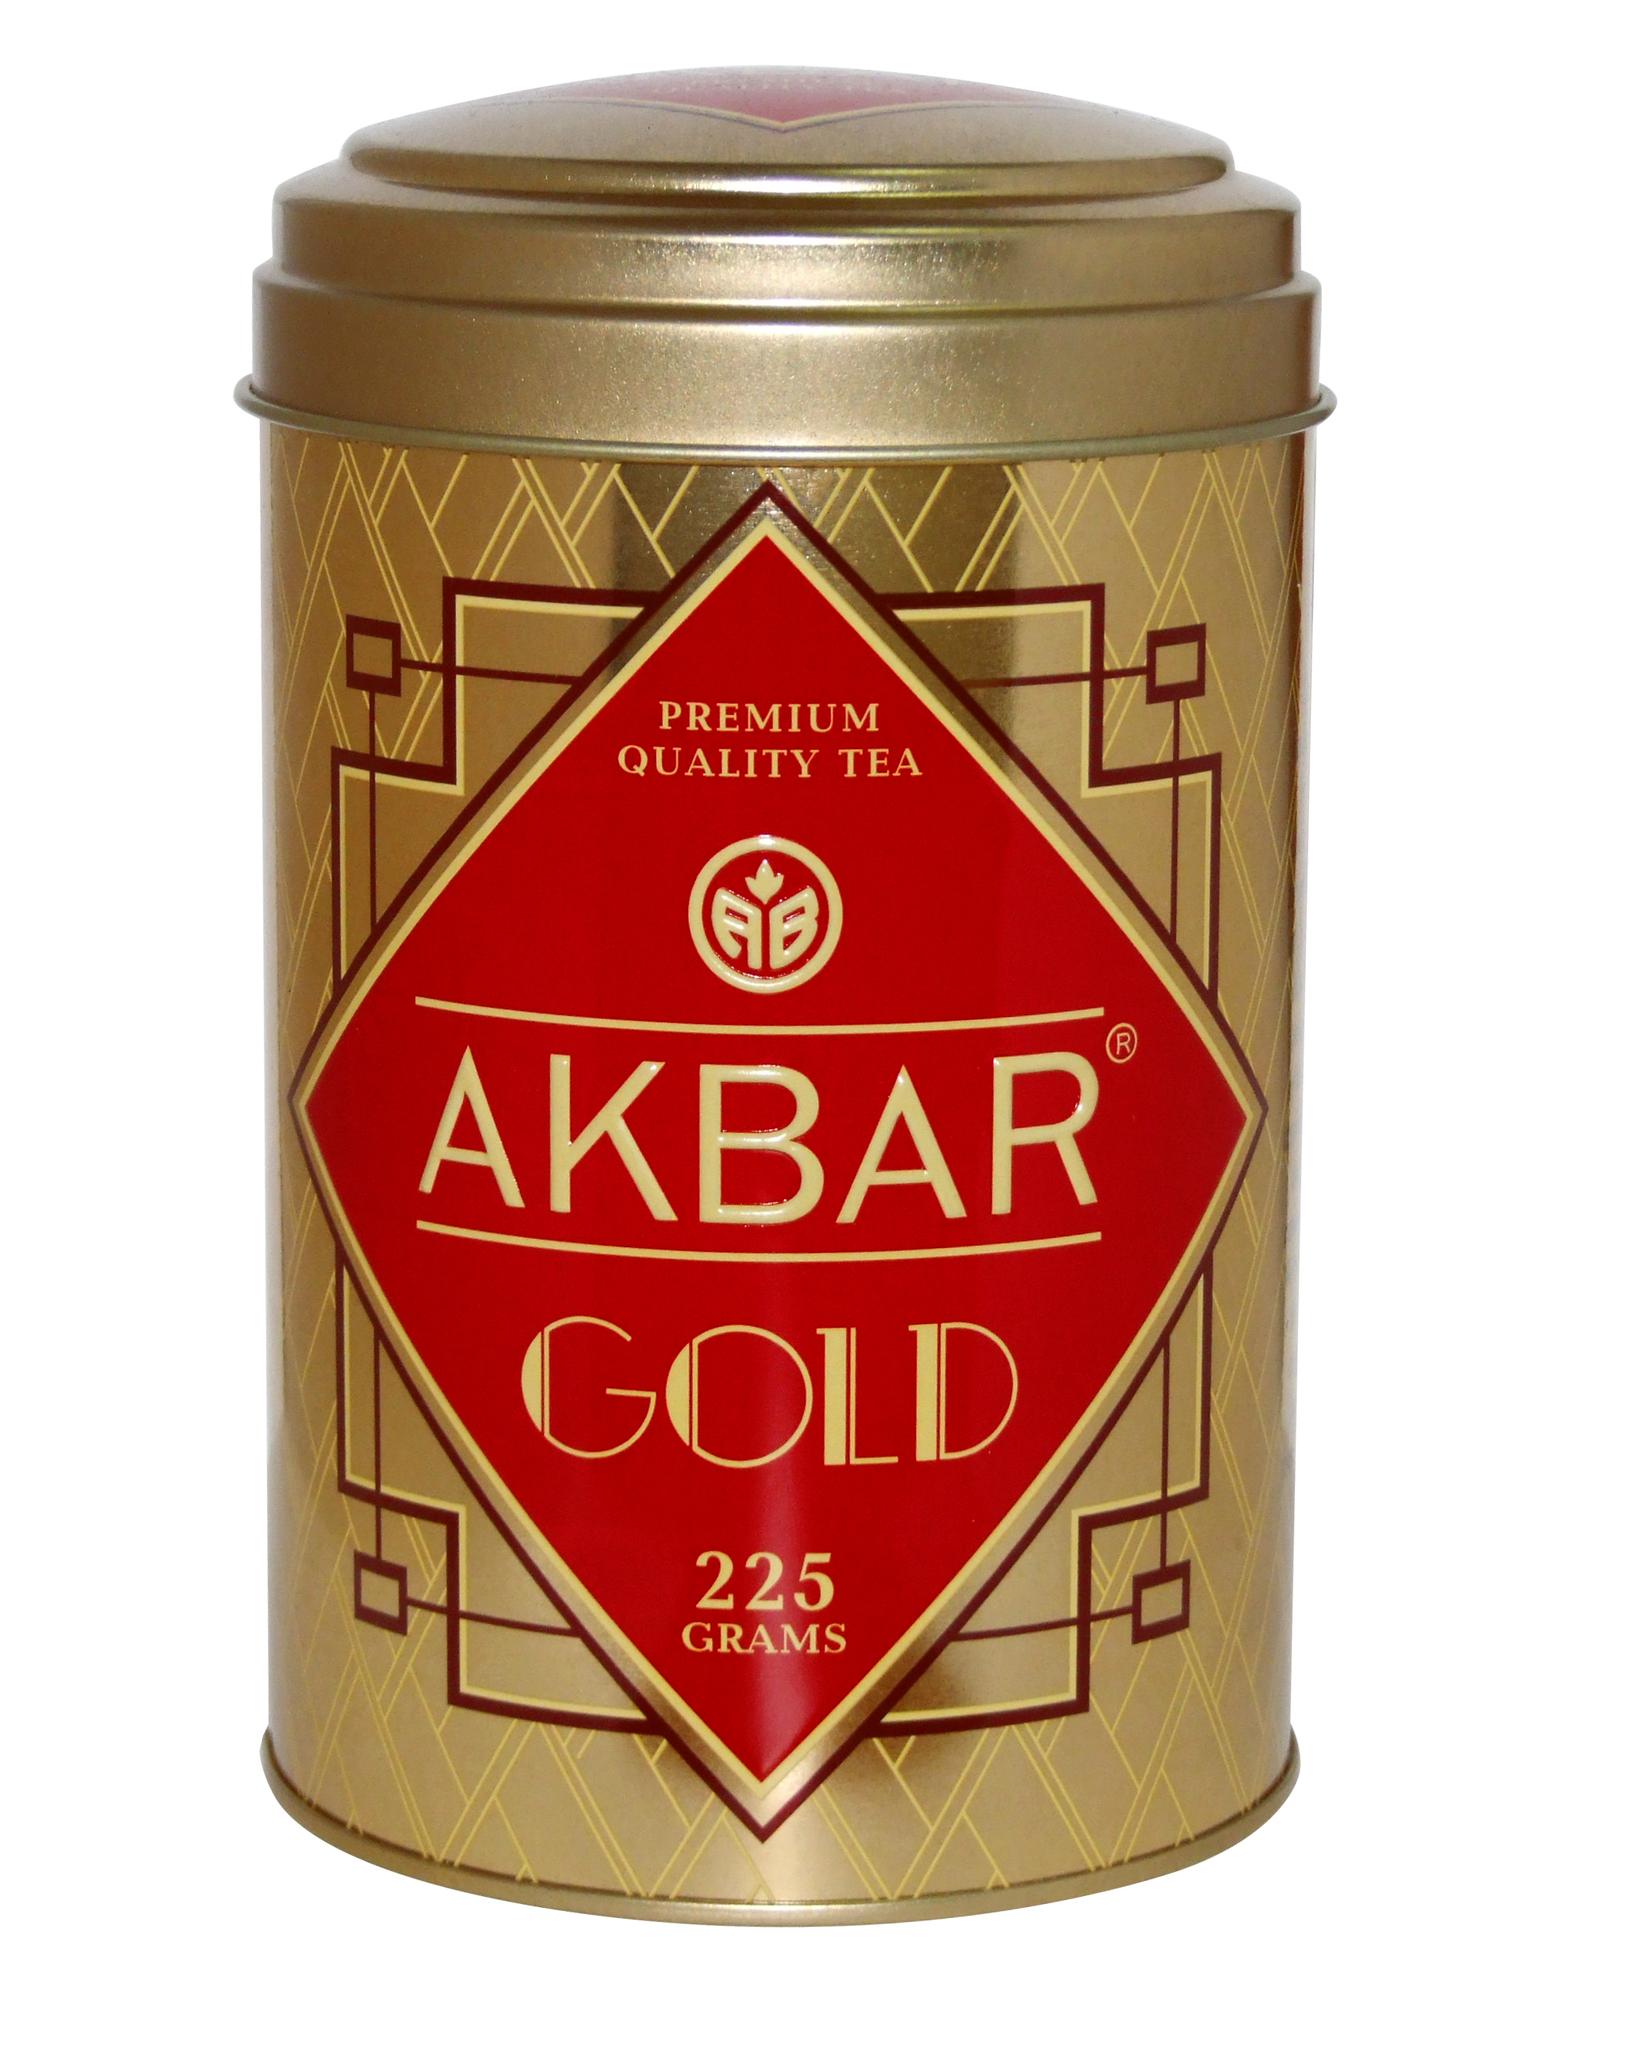 АКБАР GOLD, черный байховый цейлонский чай, жестяная банка, 225 гр.